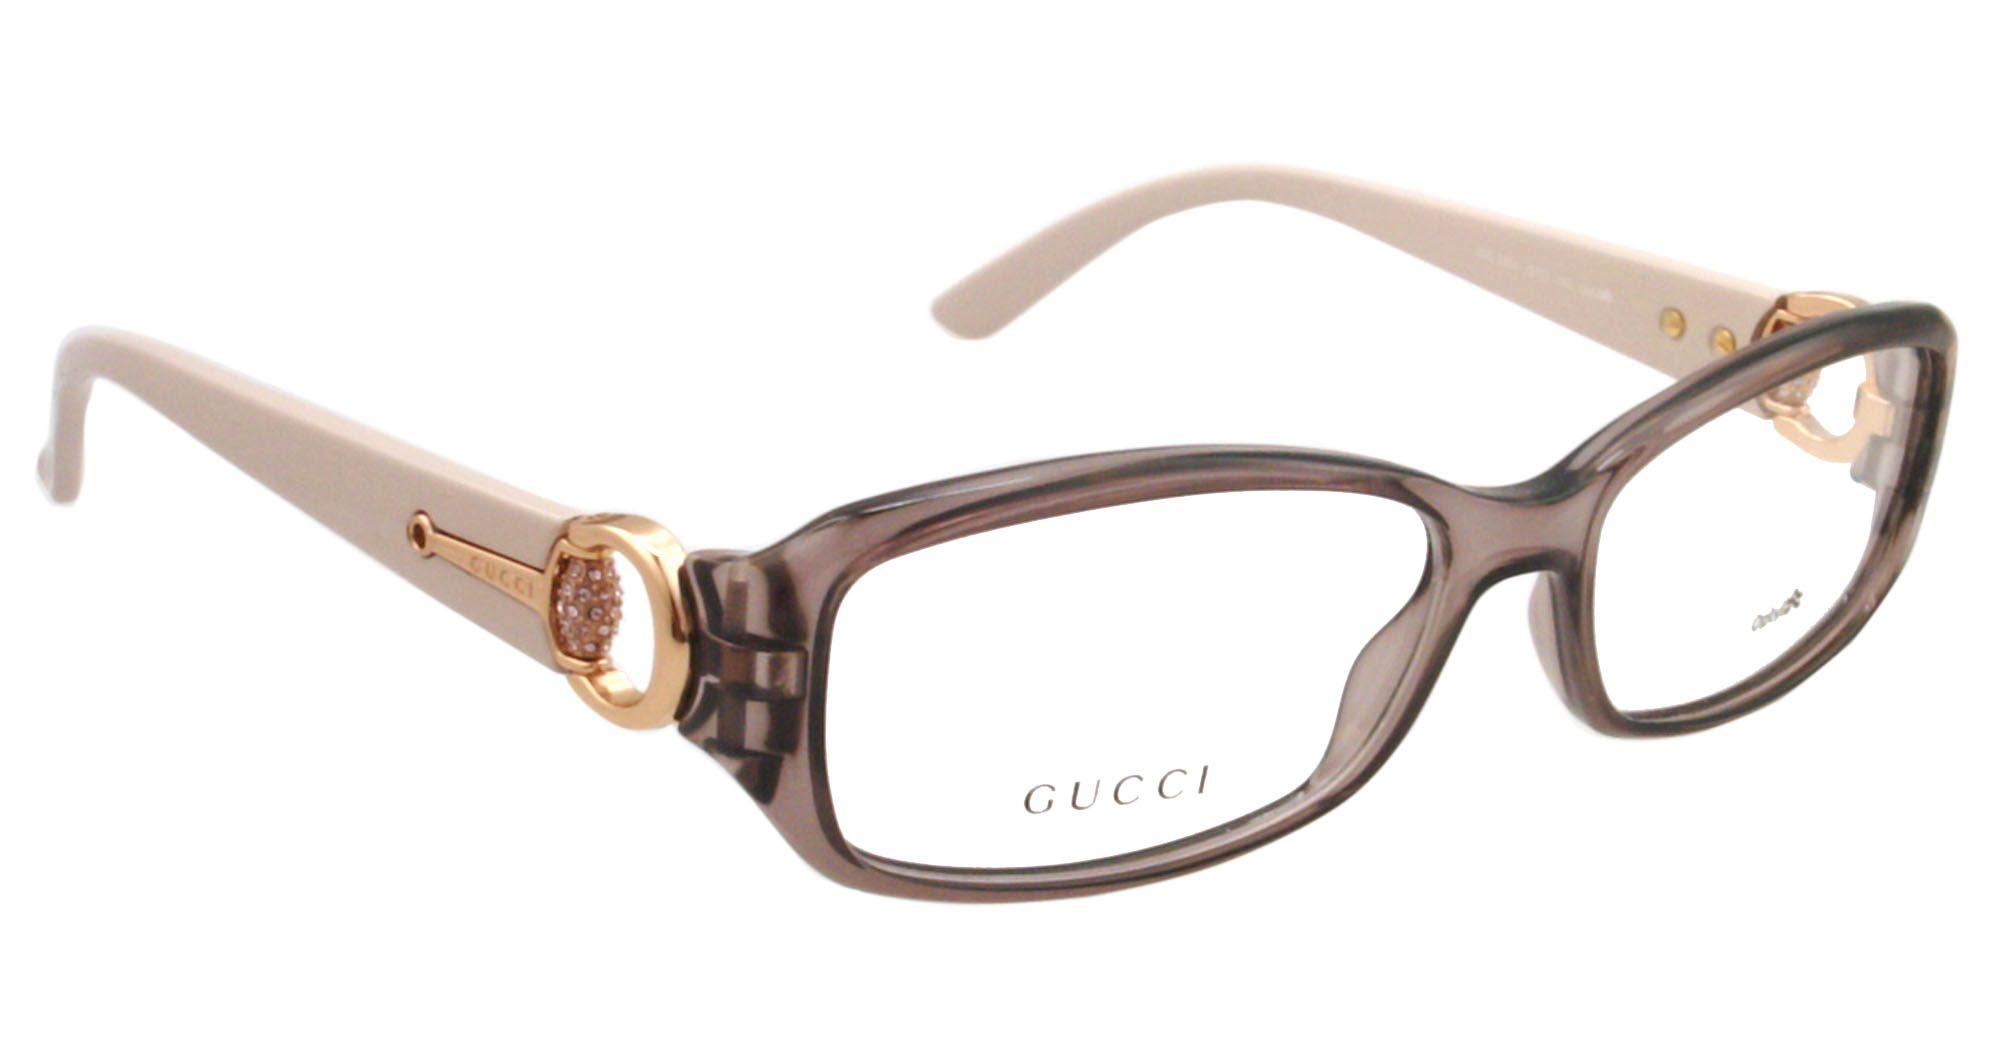 NEW Gucci Eyeglasses GG 3204 MAUVE BLUSH Q70 GG3204 AUTH | Glasses ...